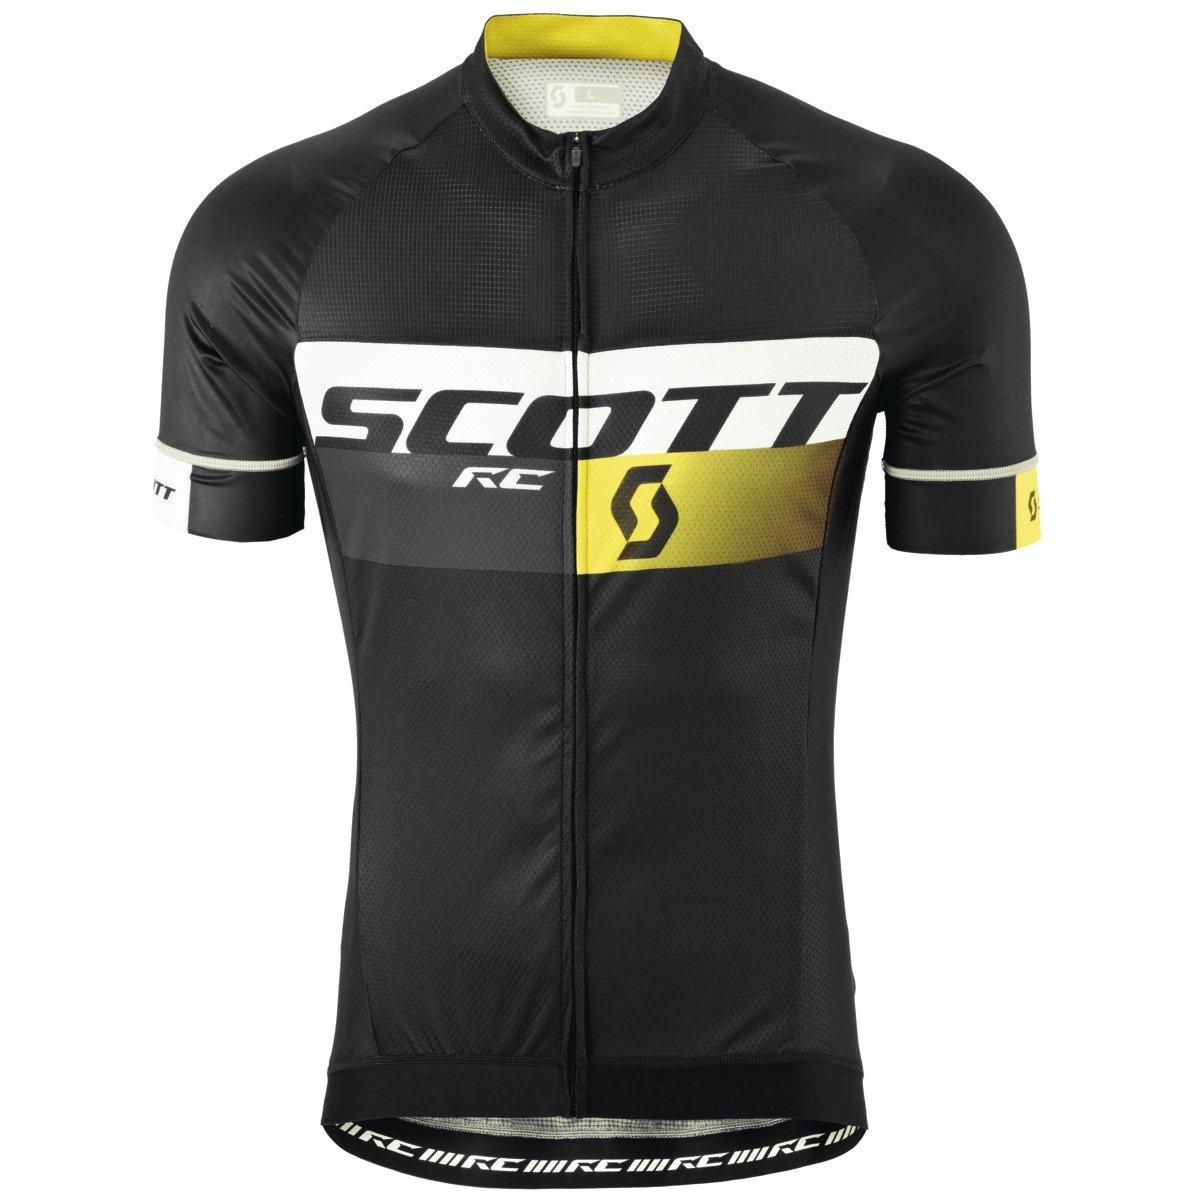 SCOTT(スコット) Shirt RC Pro s/sl bk/rc yl S 2386922187006 ブラック/RCイエロー S